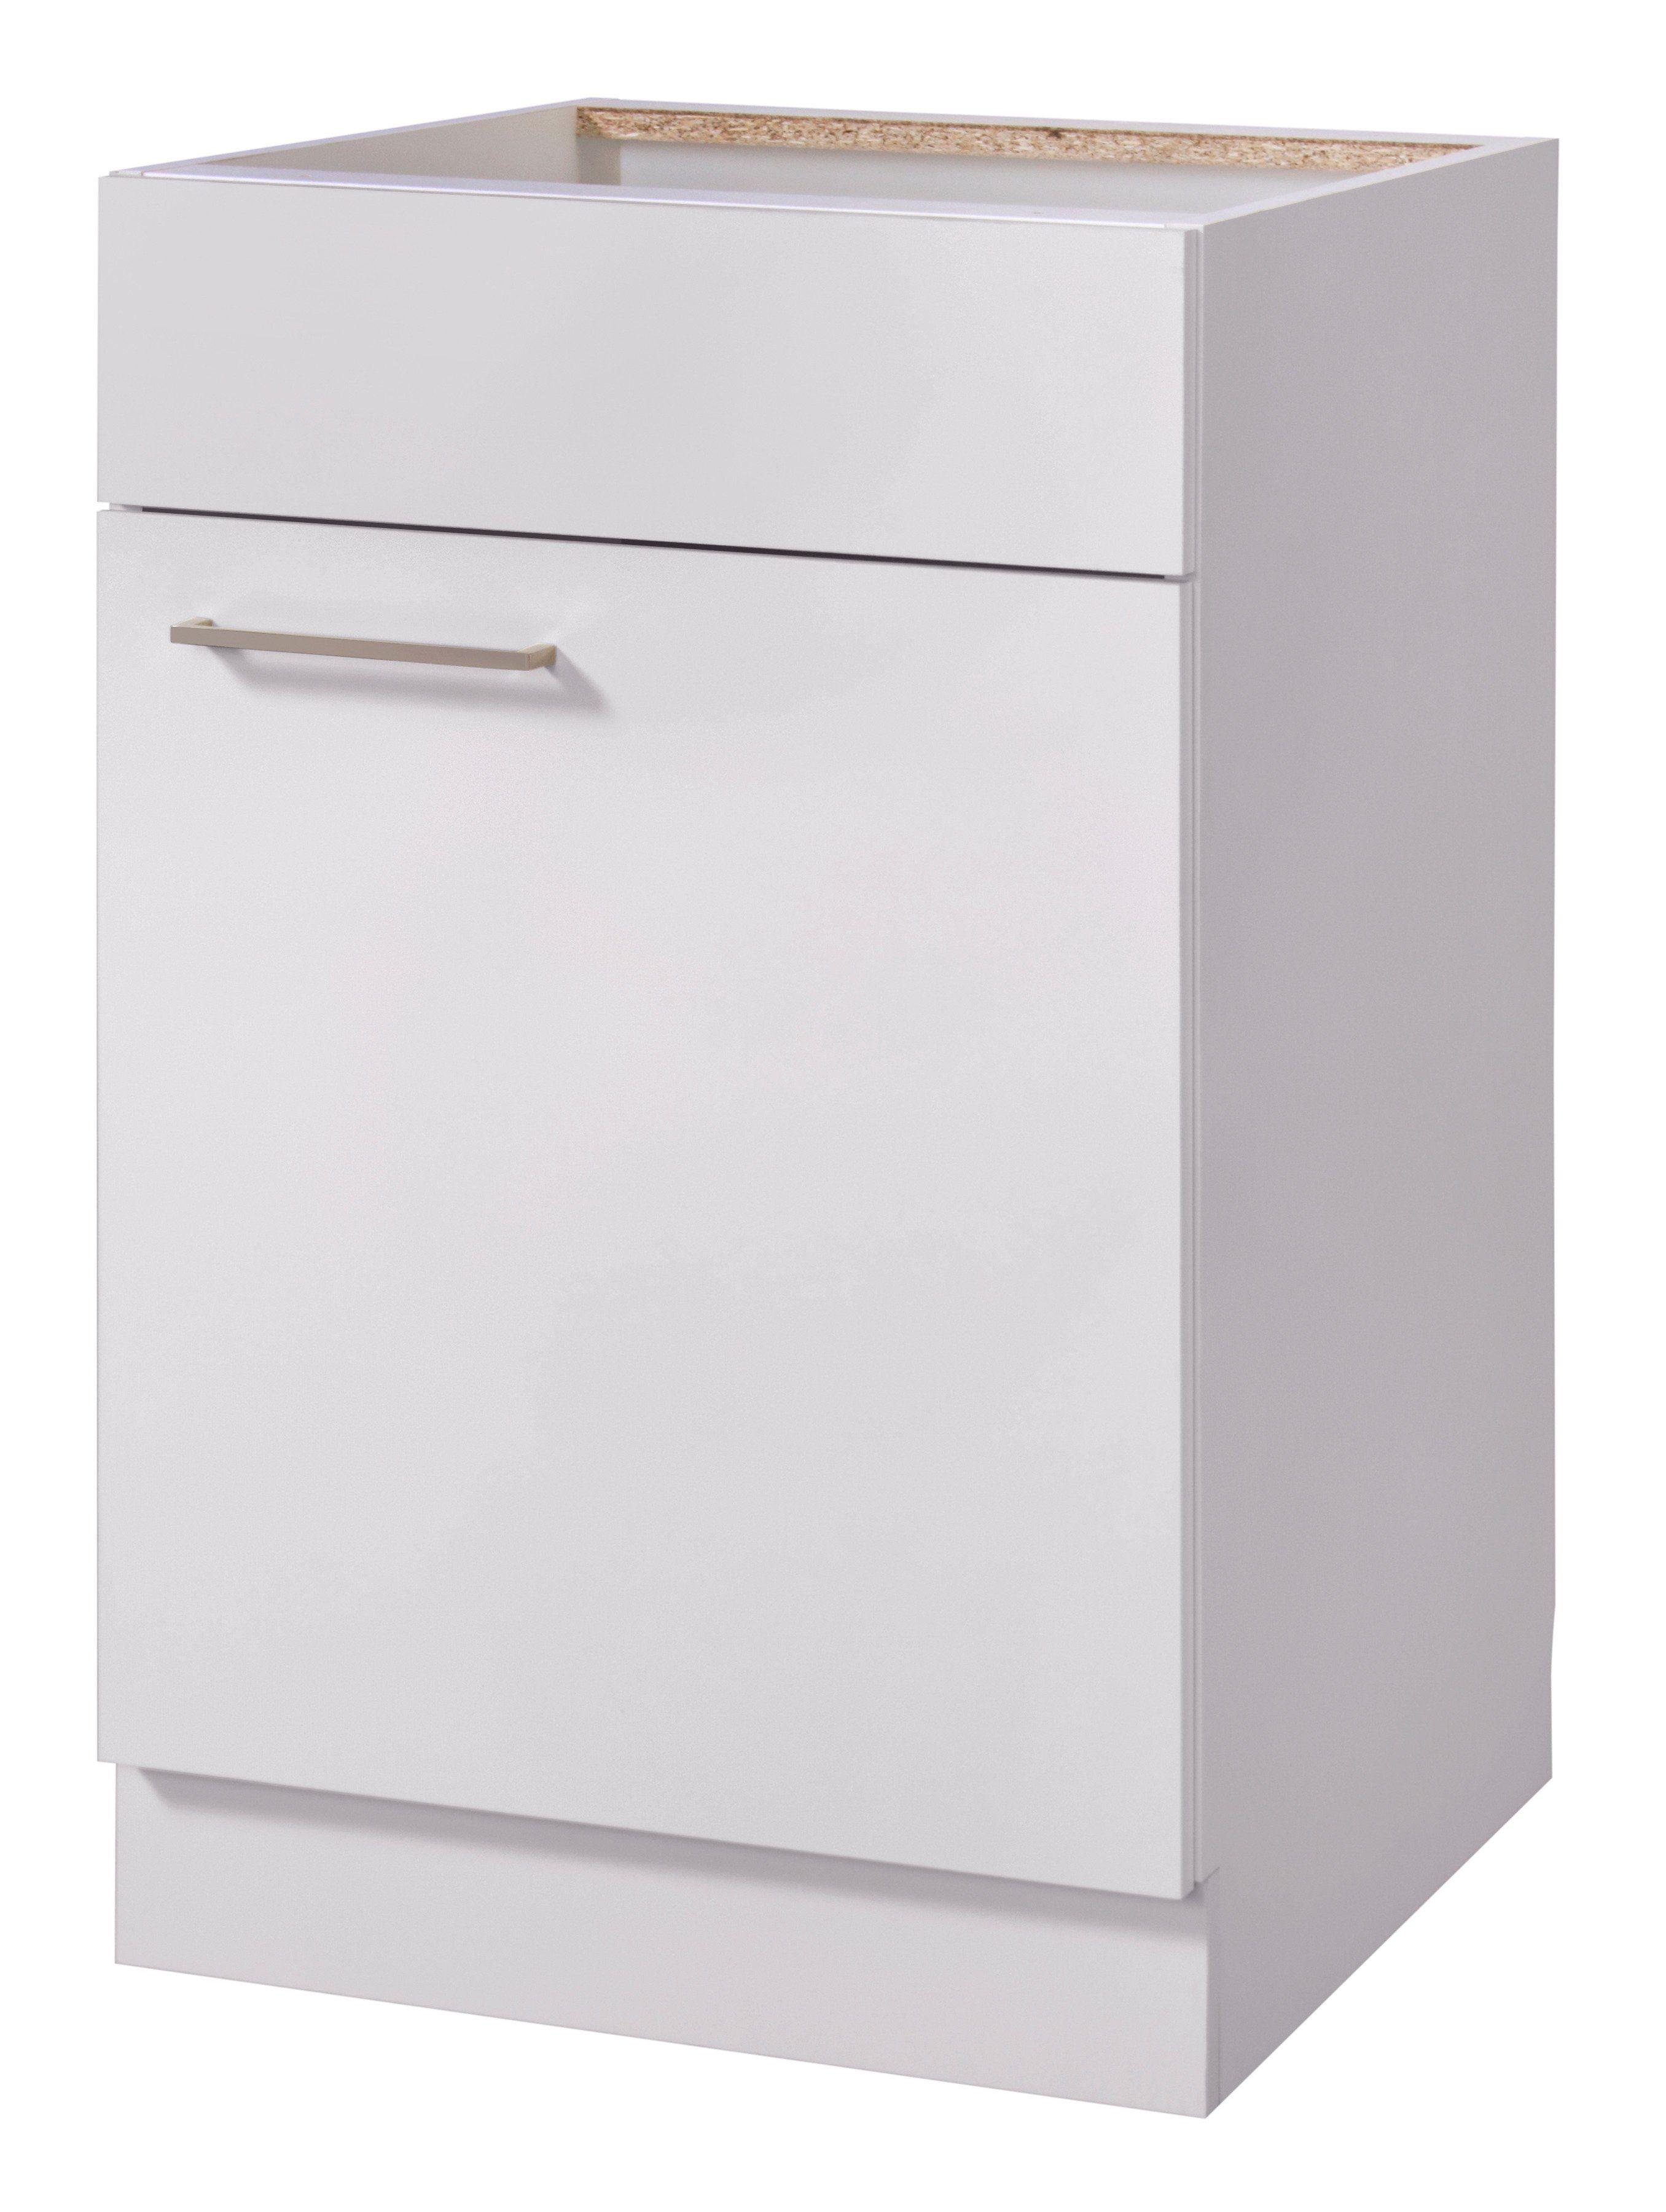 Küchenschrank 80 Cm | Ikea Faktum Eck-abschlussregal ...